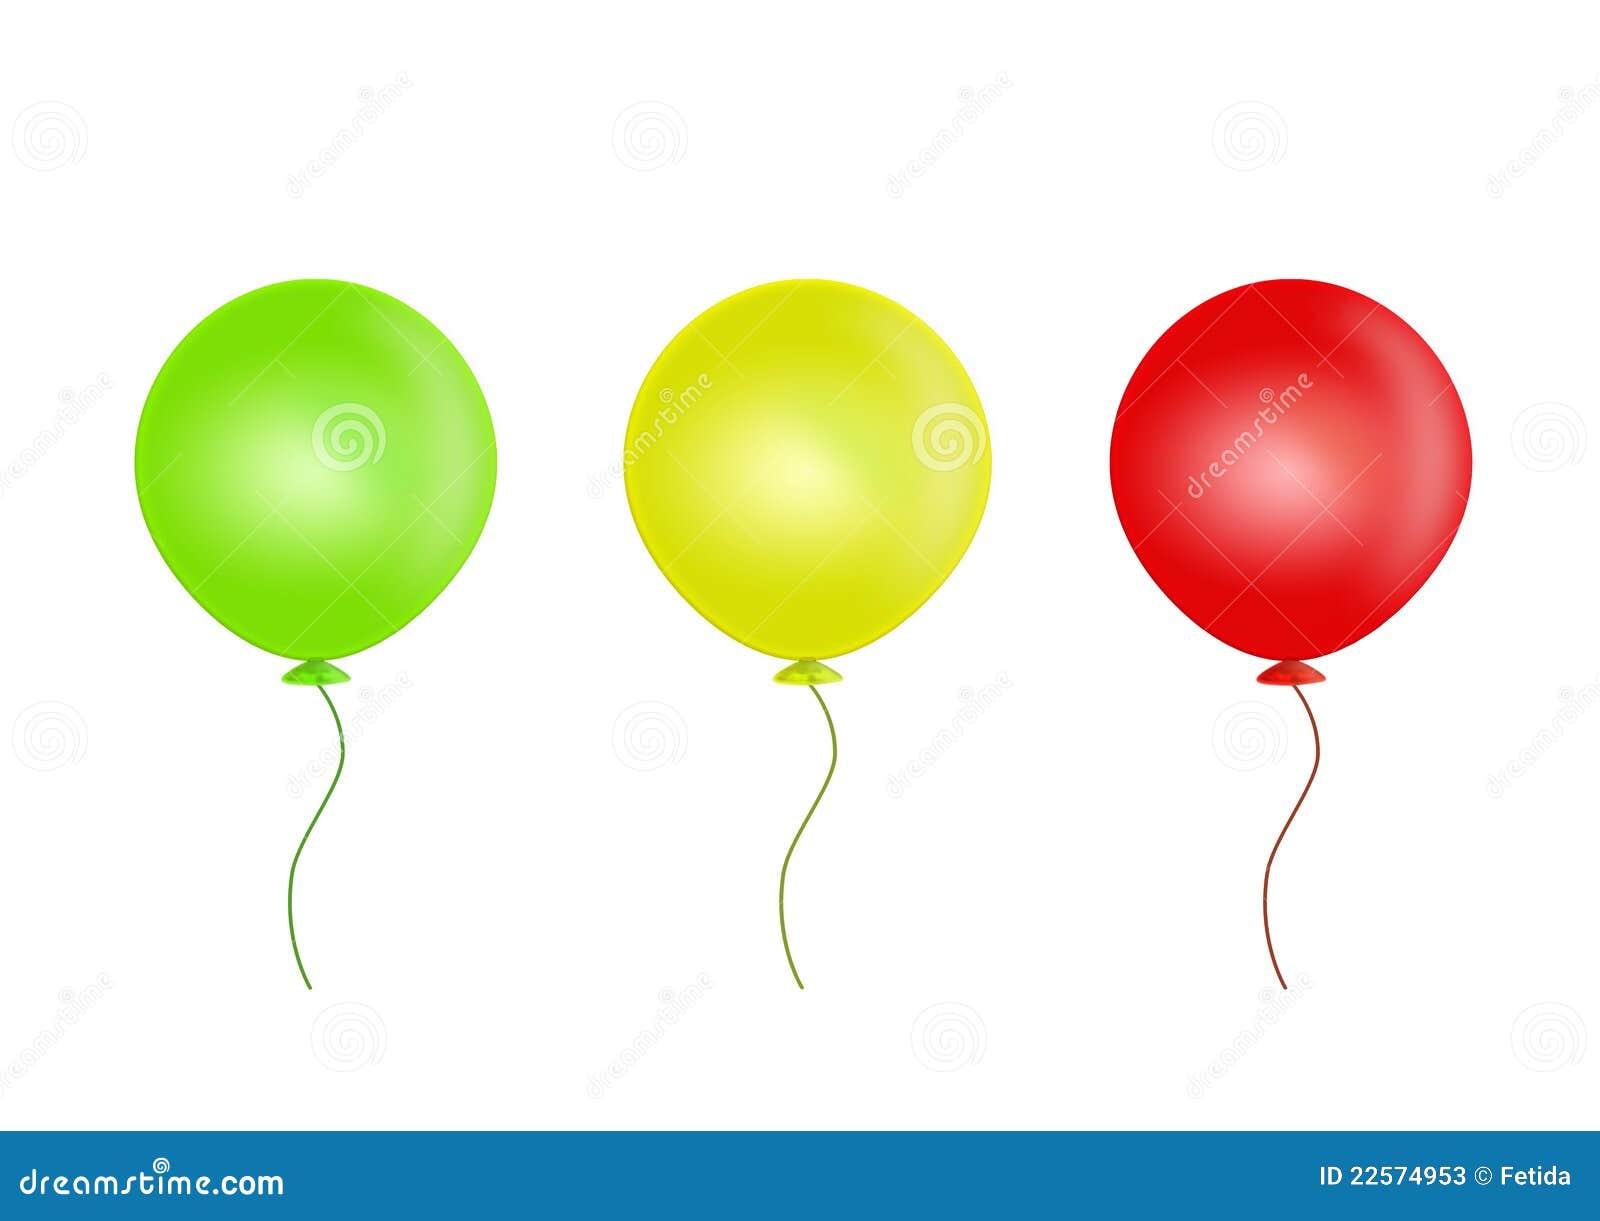 balloons white background - photo #45